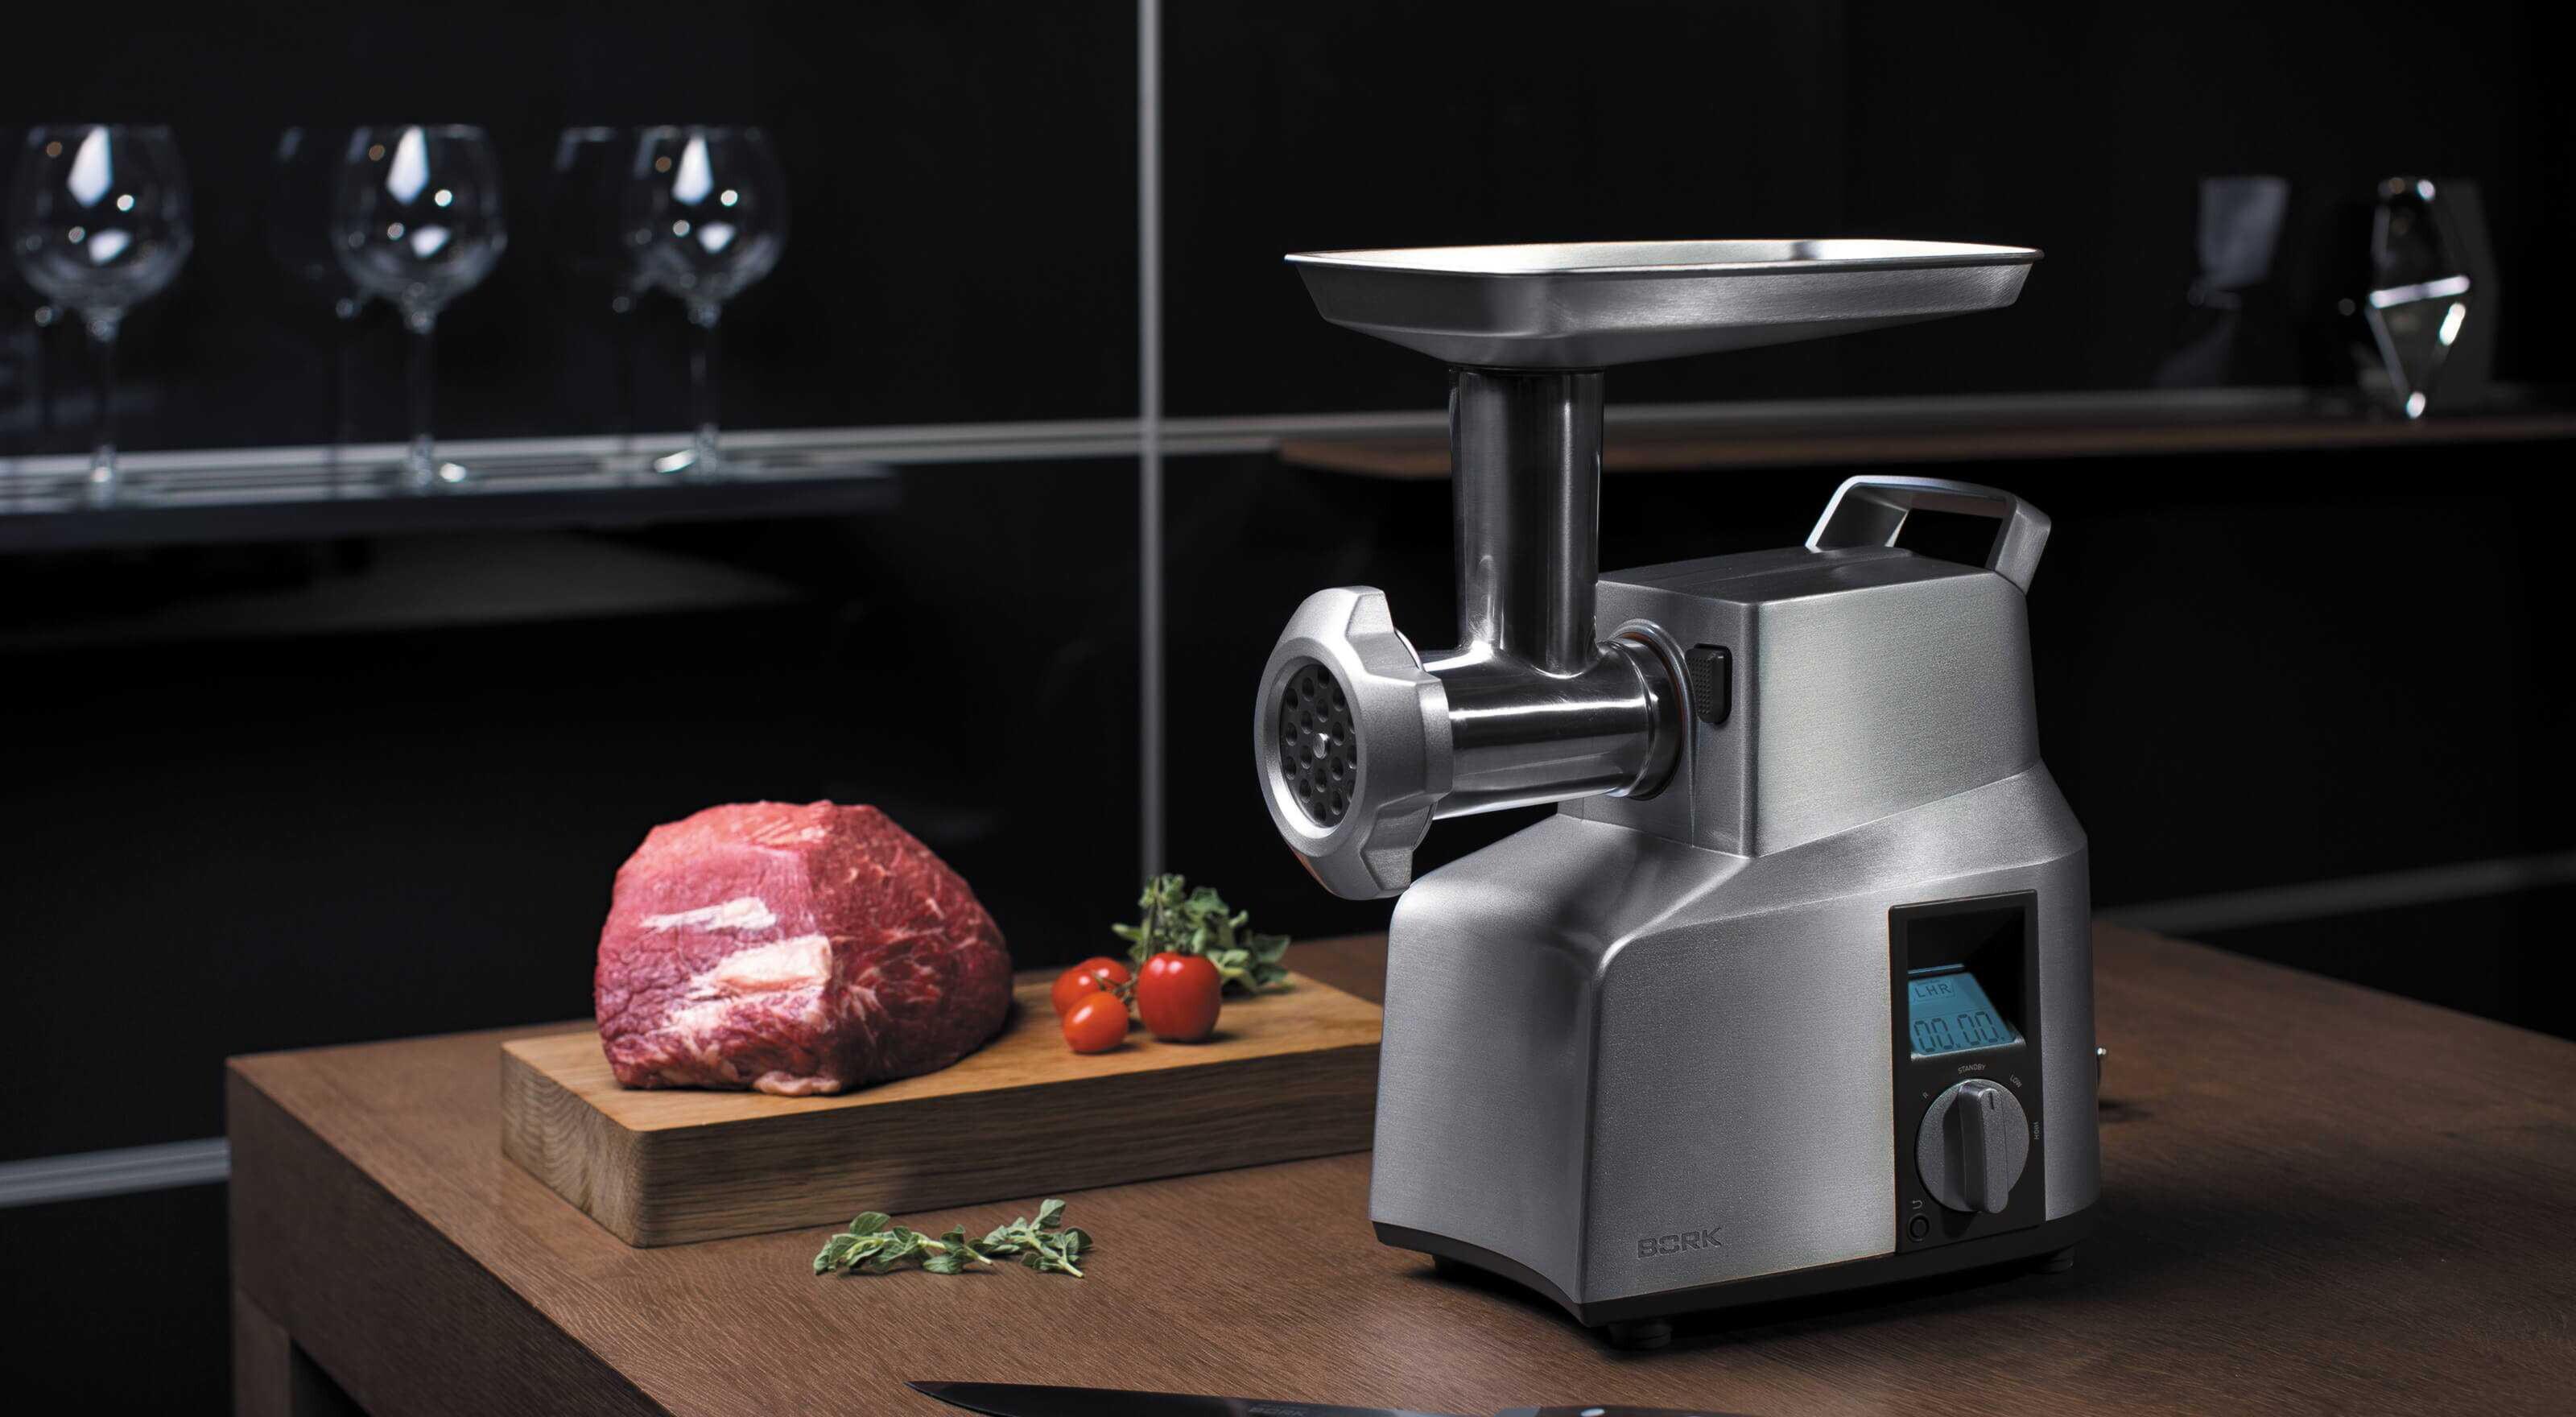 Топ мясорубок с базовыми функциями доступность и надёжность - мясорубка и мясо